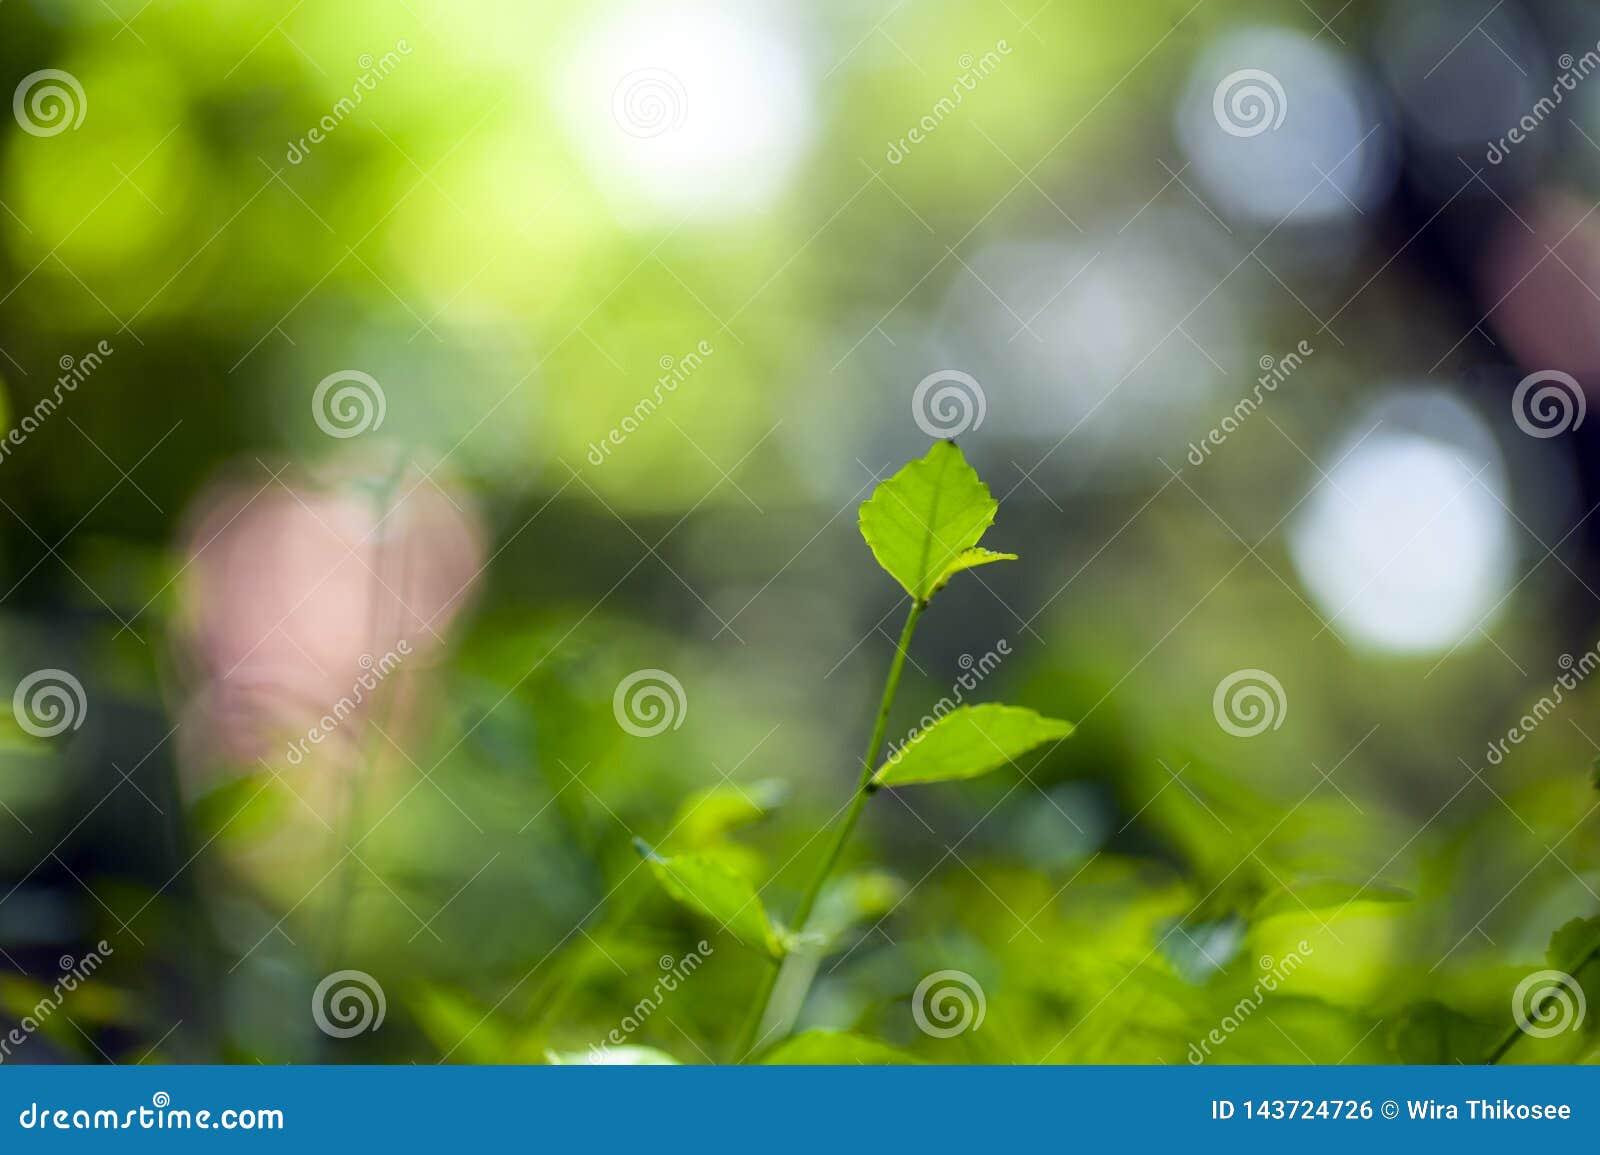 Grüne Blätter und Niederlassung auf unscharfem Hintergrund